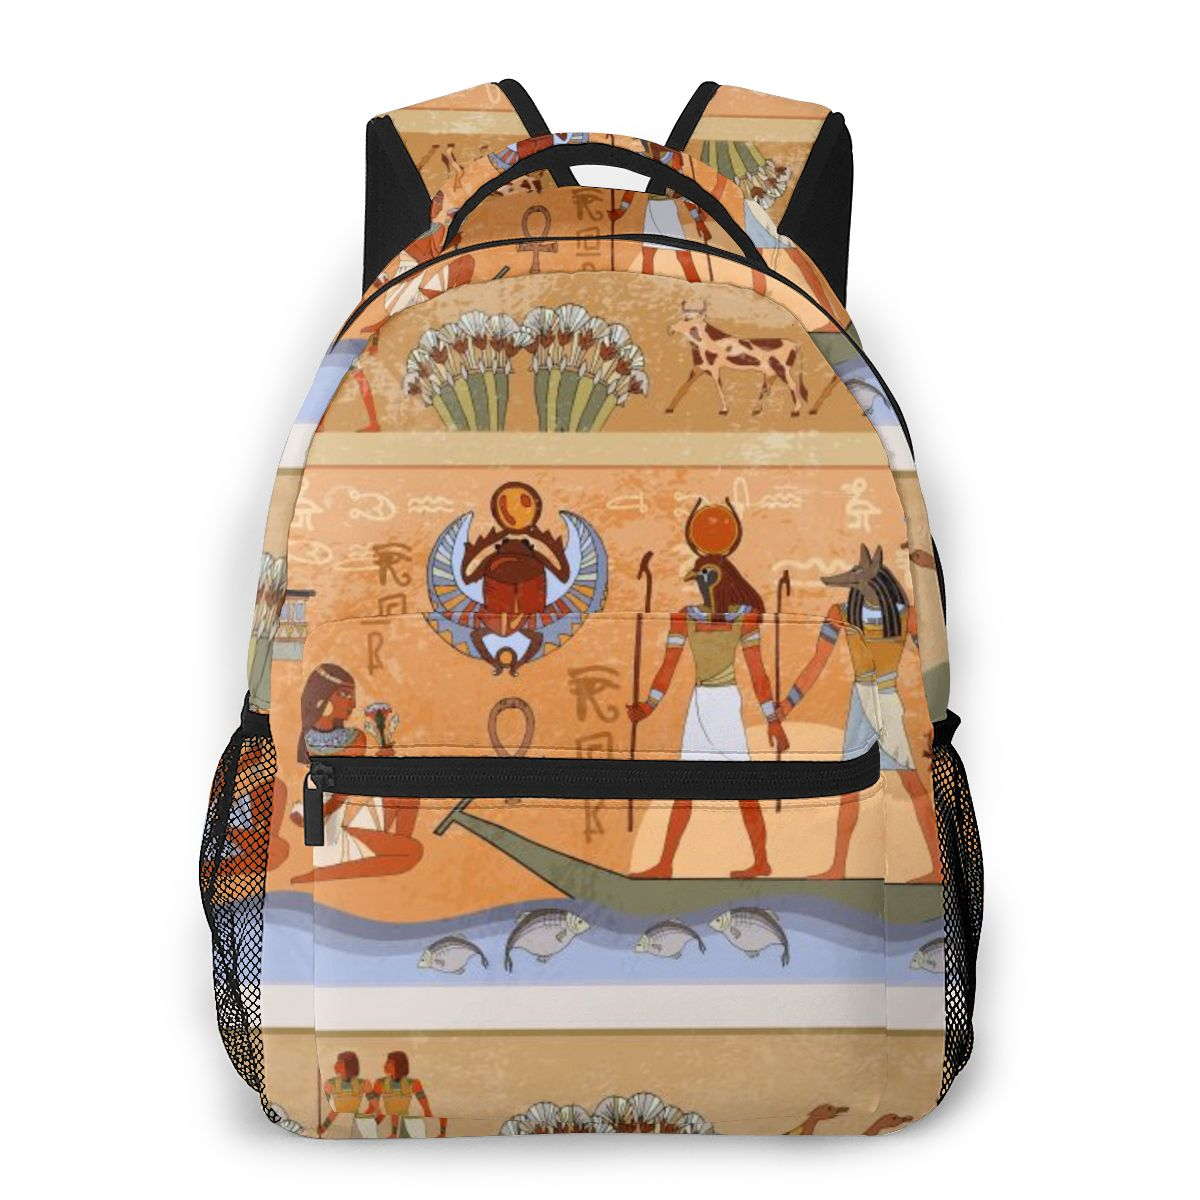 Feminina para Meninas Egípcios e Faraó Mochila de Viagem Mochila Adolescentes Antigos Deuses Mural Feminino Notebook Bagpack 2020